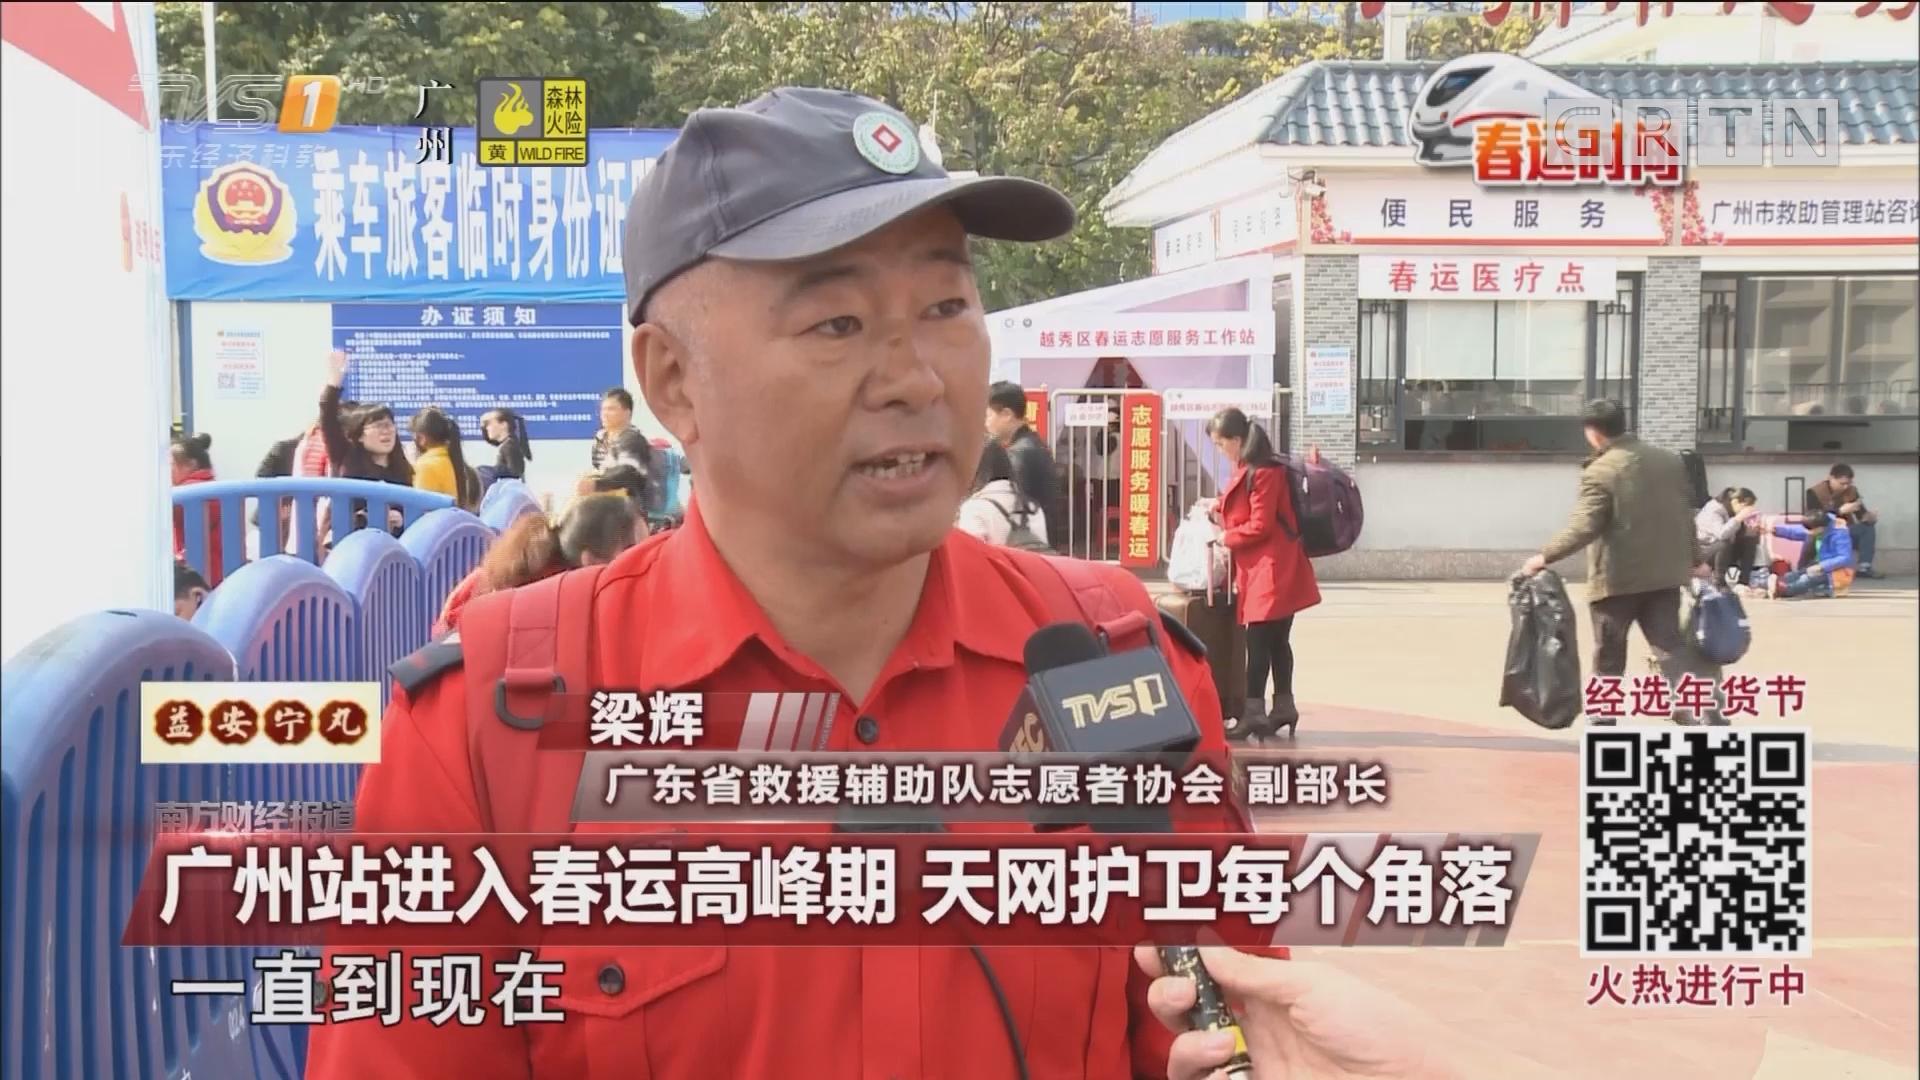 广州站进入春运高峰期 天网护卫每个角落